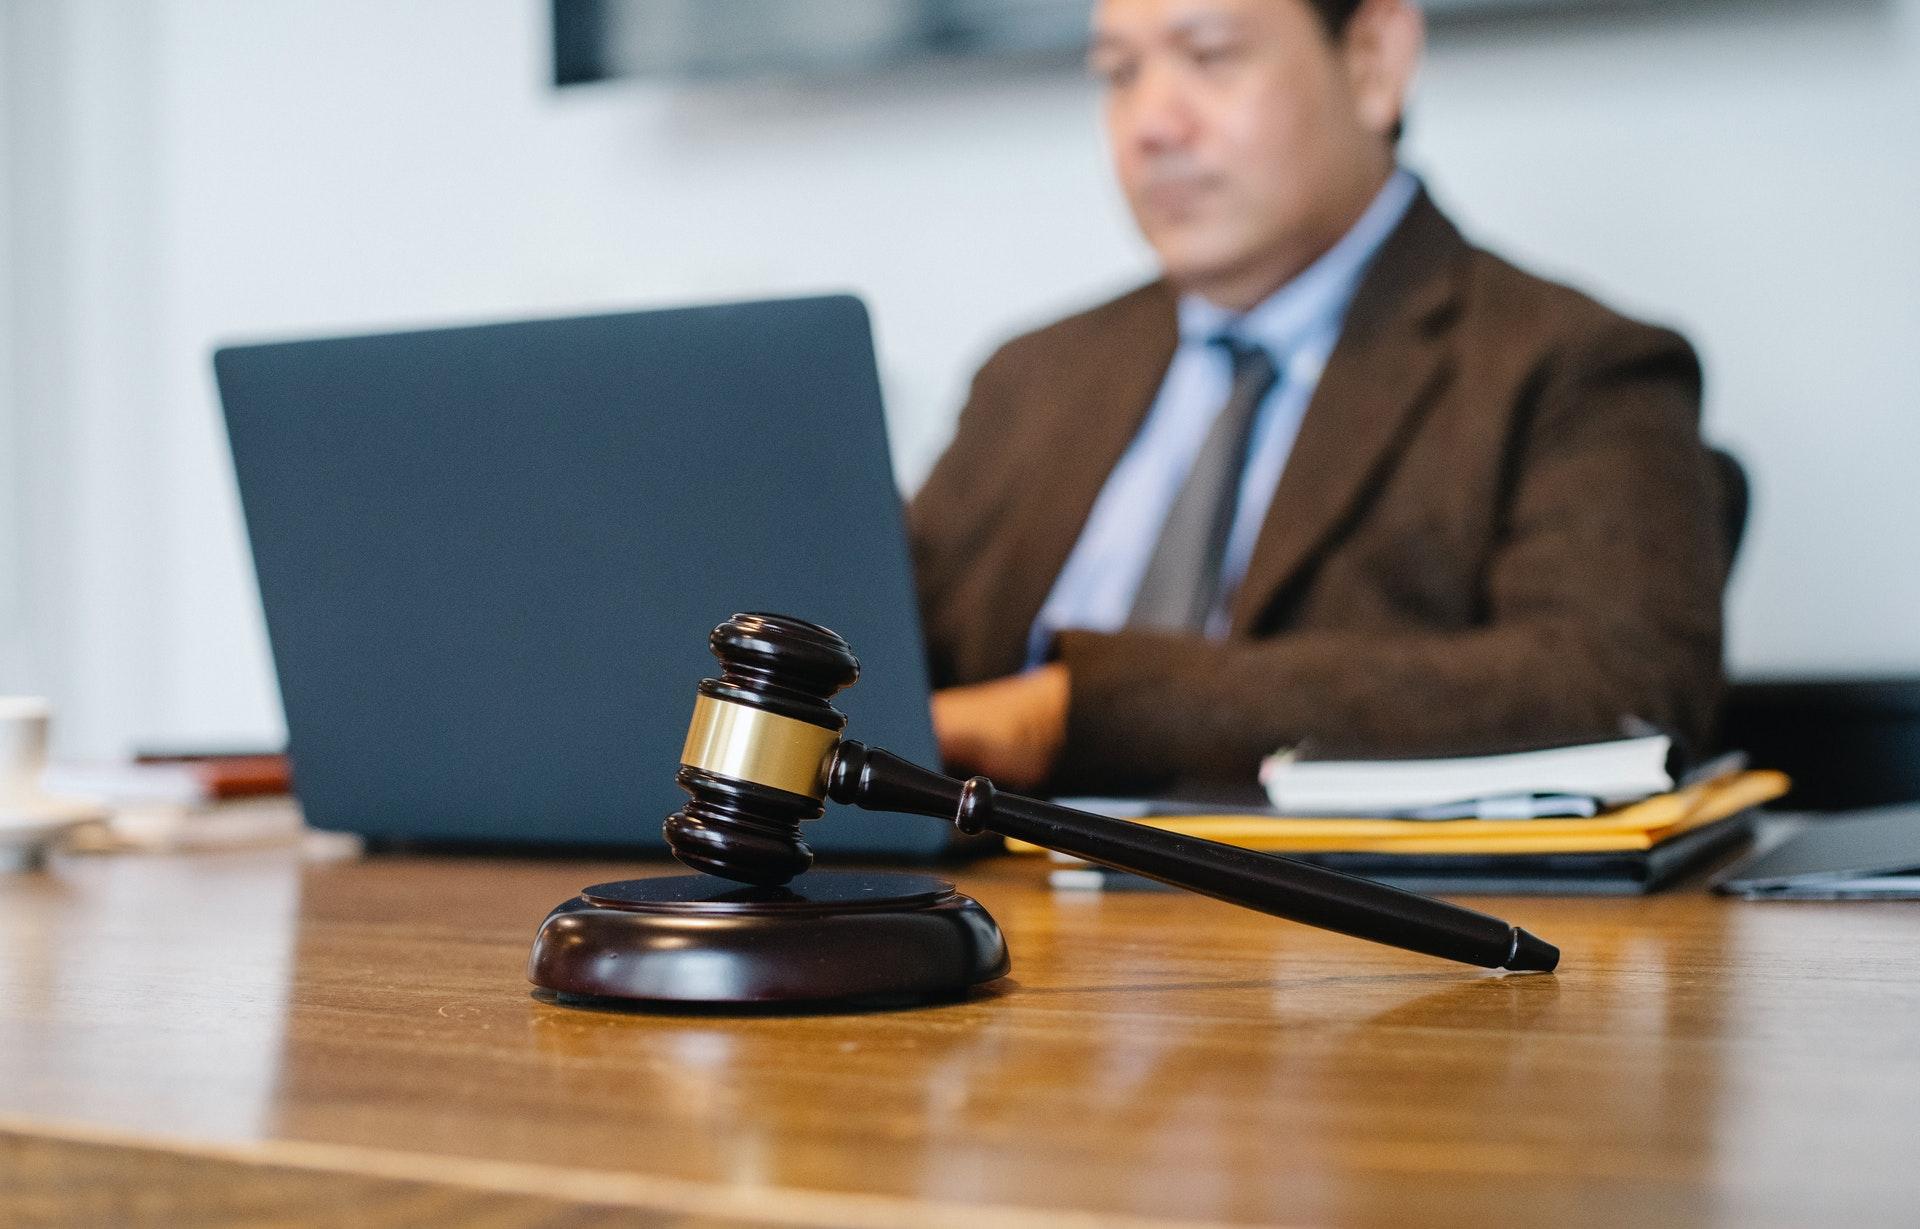 Anwalt beim arbeiten am Laptop